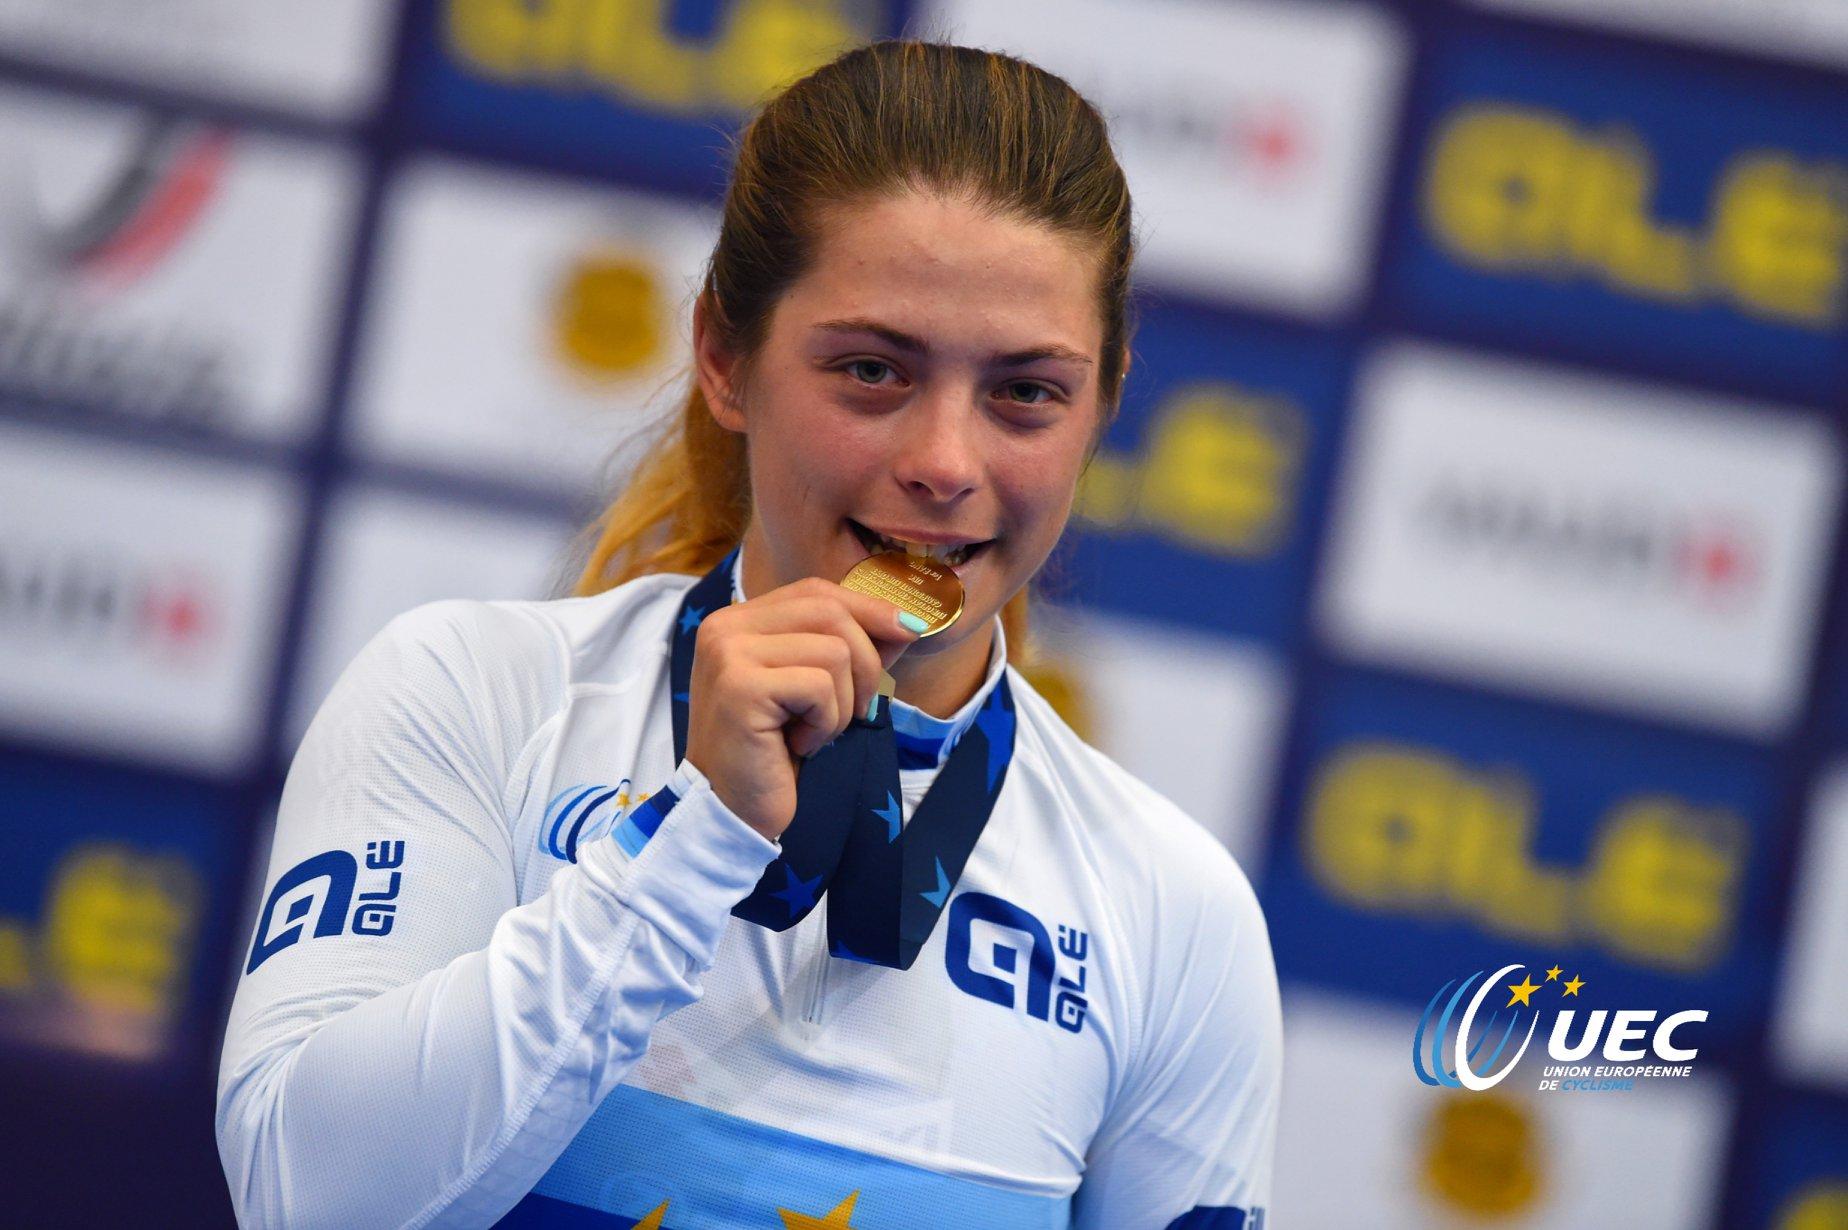 Miriam Vece campionessa europea Velocità Donne Under 23